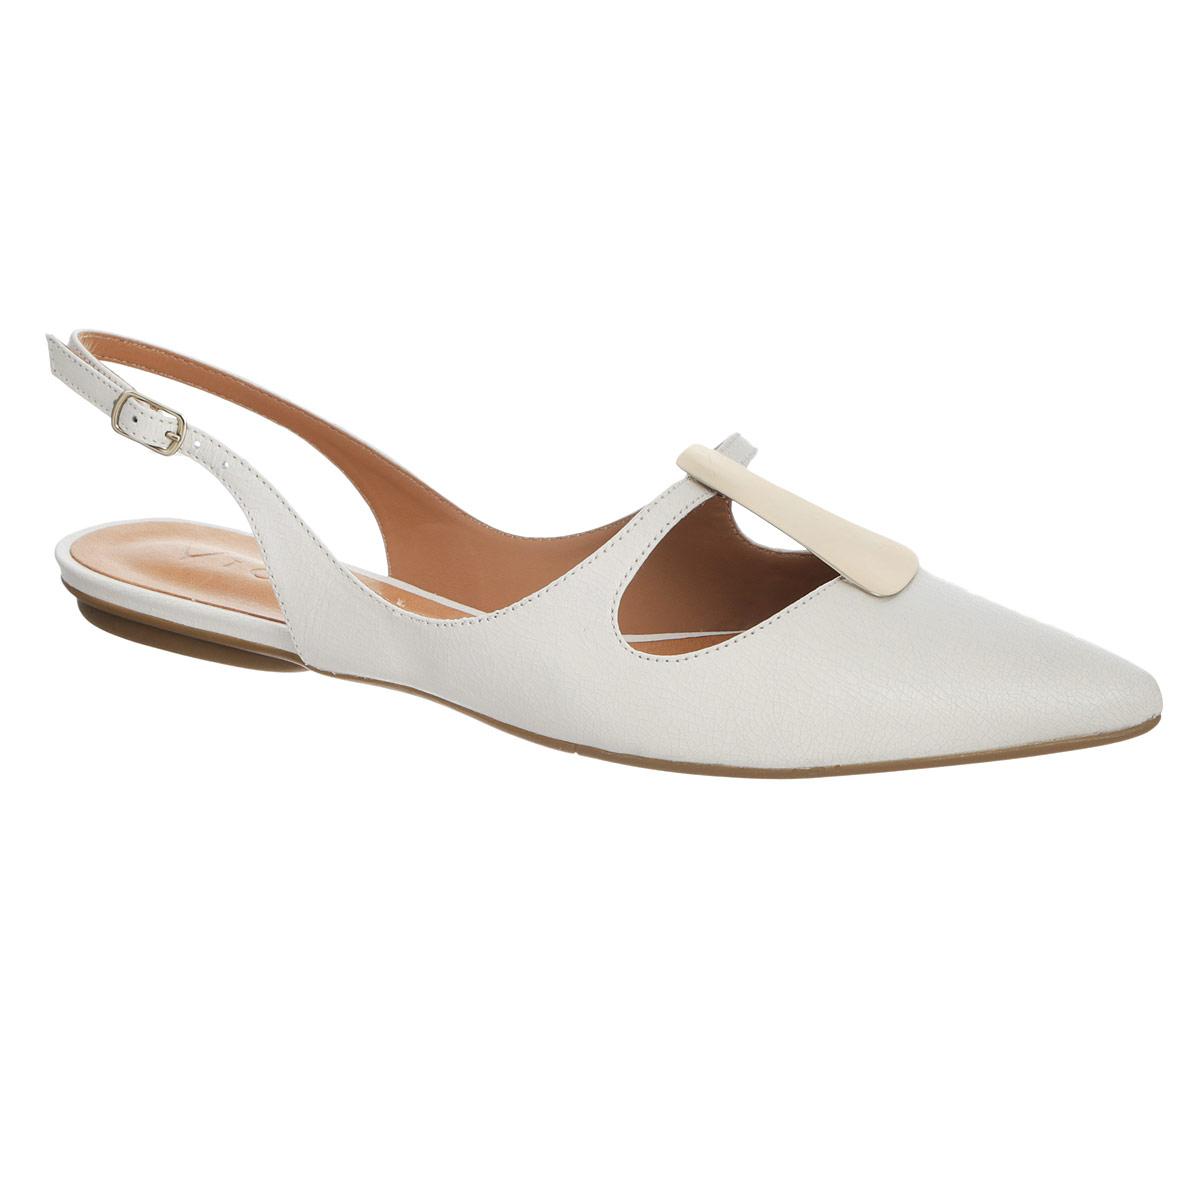 Балетки. 58270245827024Модные балетки от Vicenza займут достойное место среди вашей обуви. Модель выполнена из натуральной высококачественной кожи и оформлена широким вырезом и оригинальной металлической пластиной спереди. Заостренный носок смотрится невероятно женственно. Открытый задник обеспечивает отличную вентиляцию, позволяет вашим ногам дышать. Ремешок с металлической пряжкой прочно зафиксирует модель на вашей щиколотке. Длина ремешка регулируется за счет болта. Стелька из натуральной кожи гарантирует комфорт при ходьбе. Подошва с рифлением обеспечивает максимальное сцепление с поверхностью. Удобные балетки придутся по душе каждой женщине!